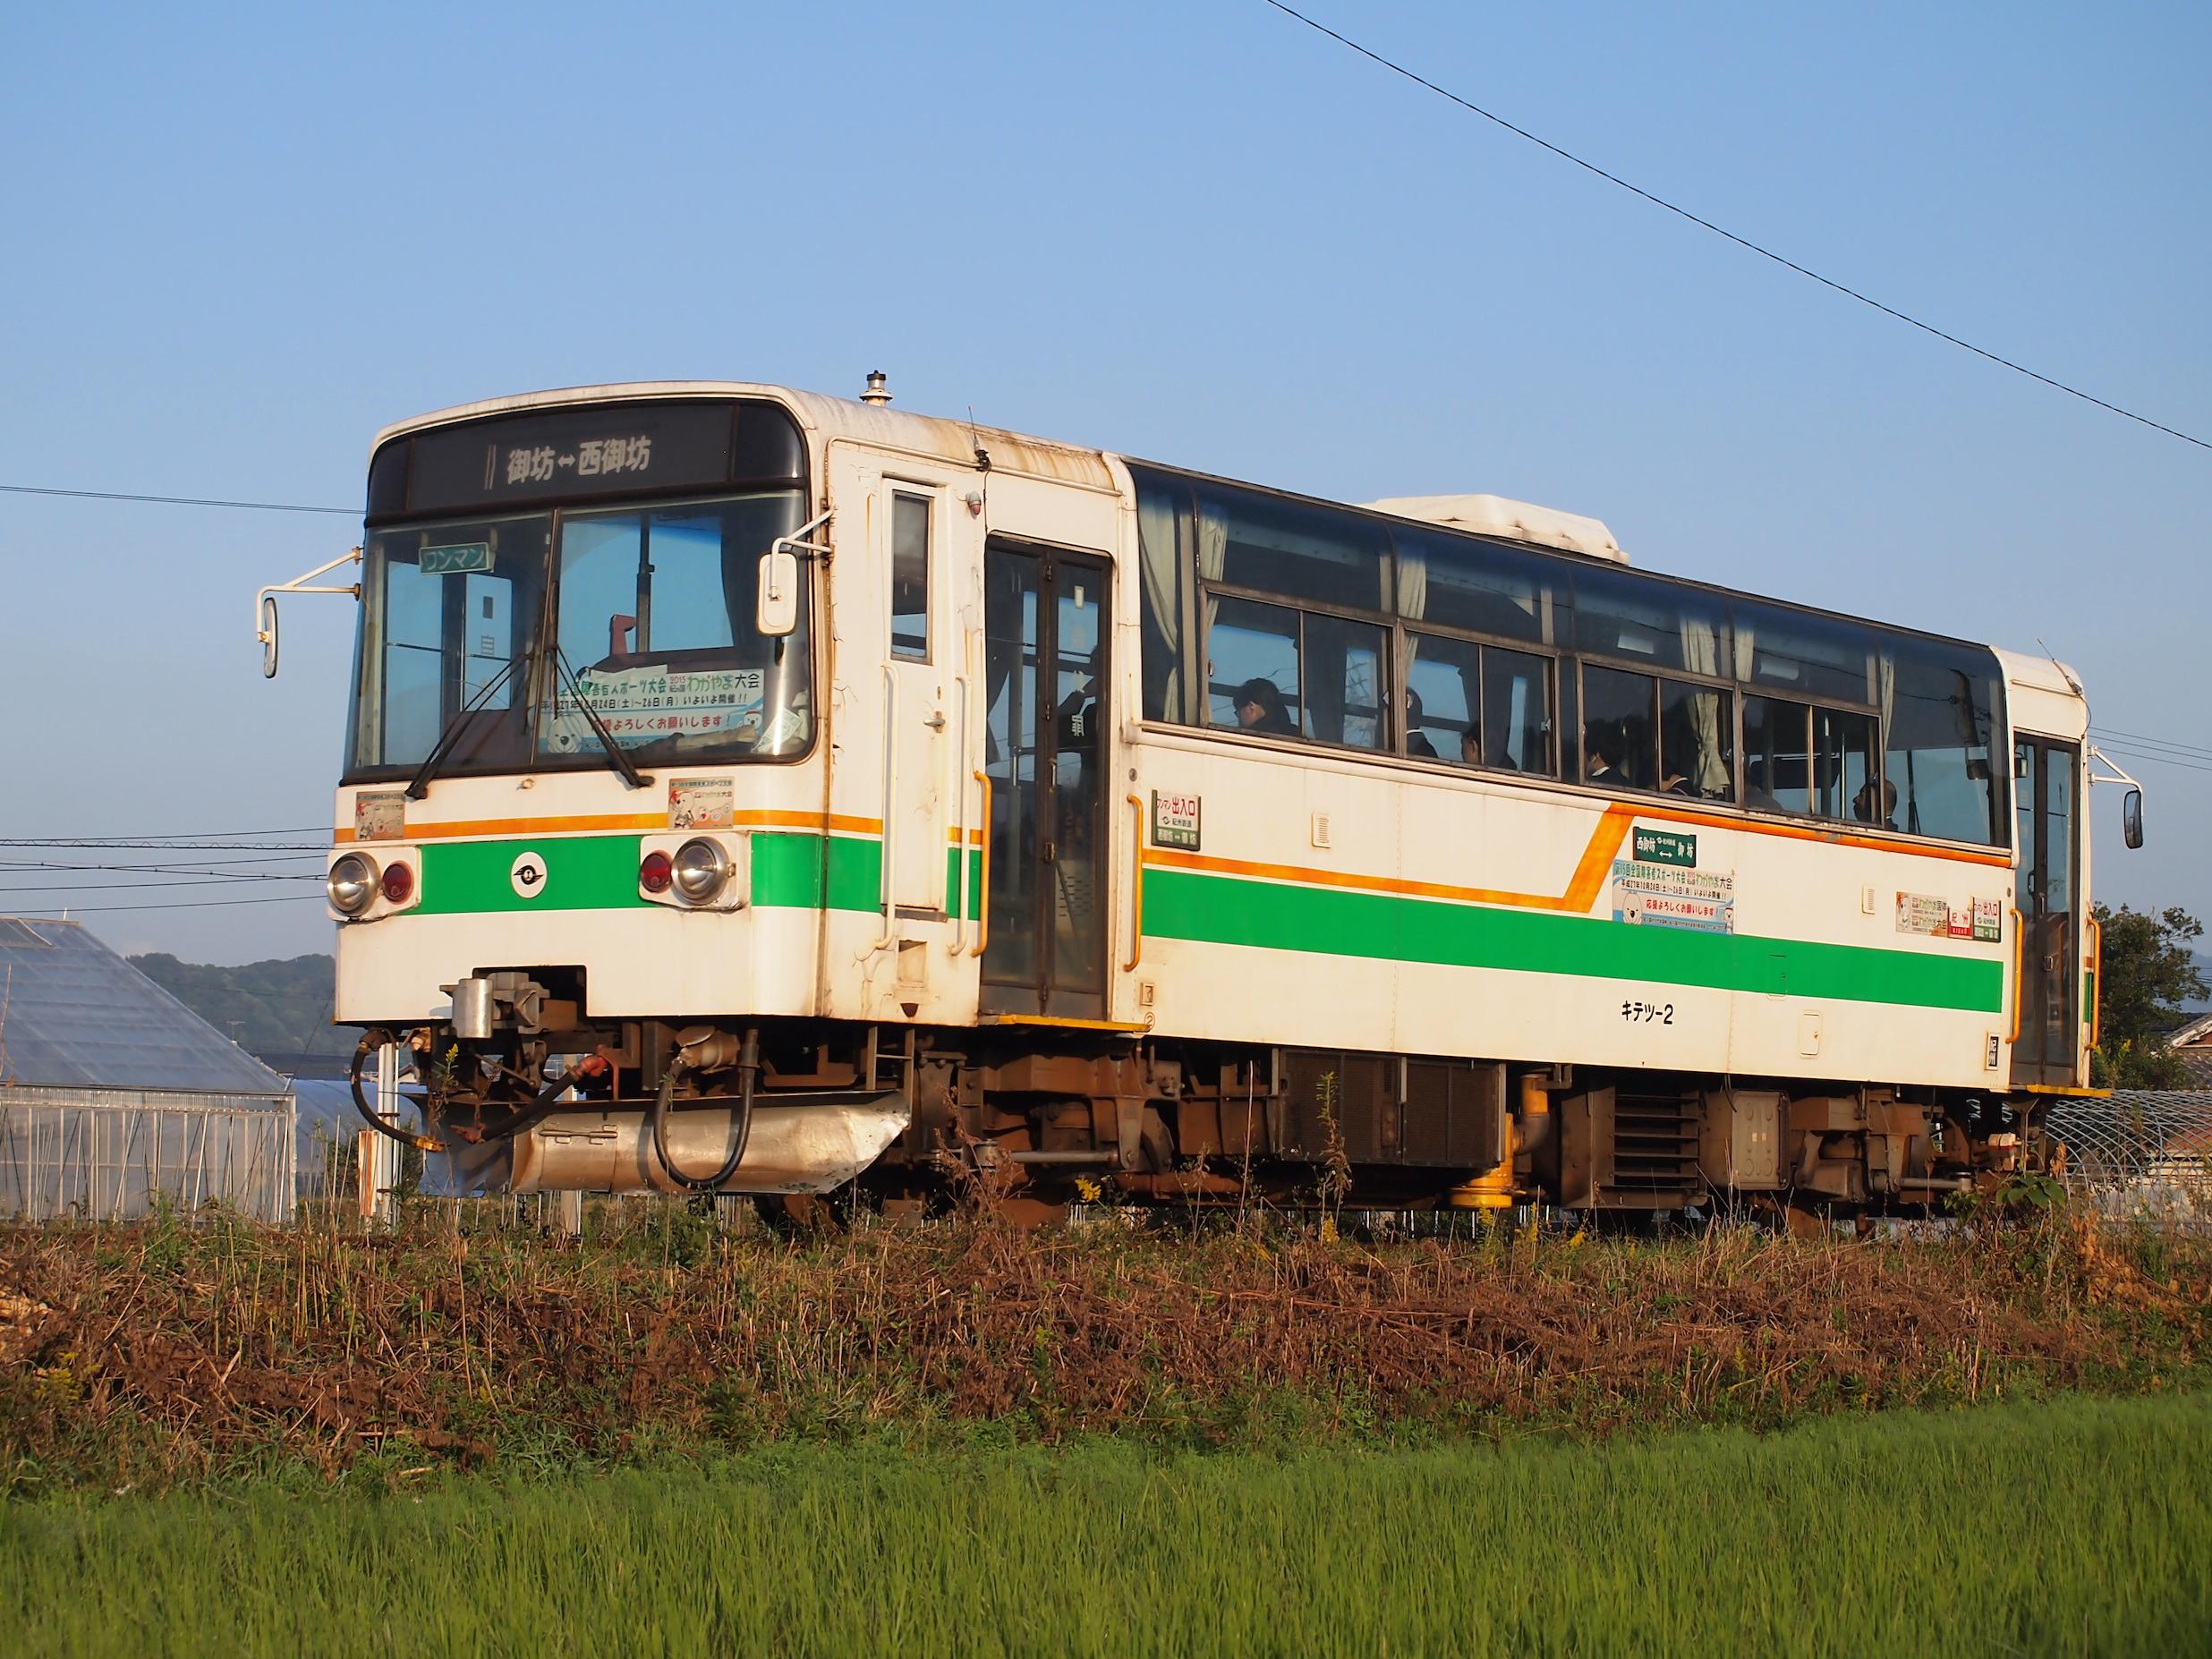 PA221181.jpg